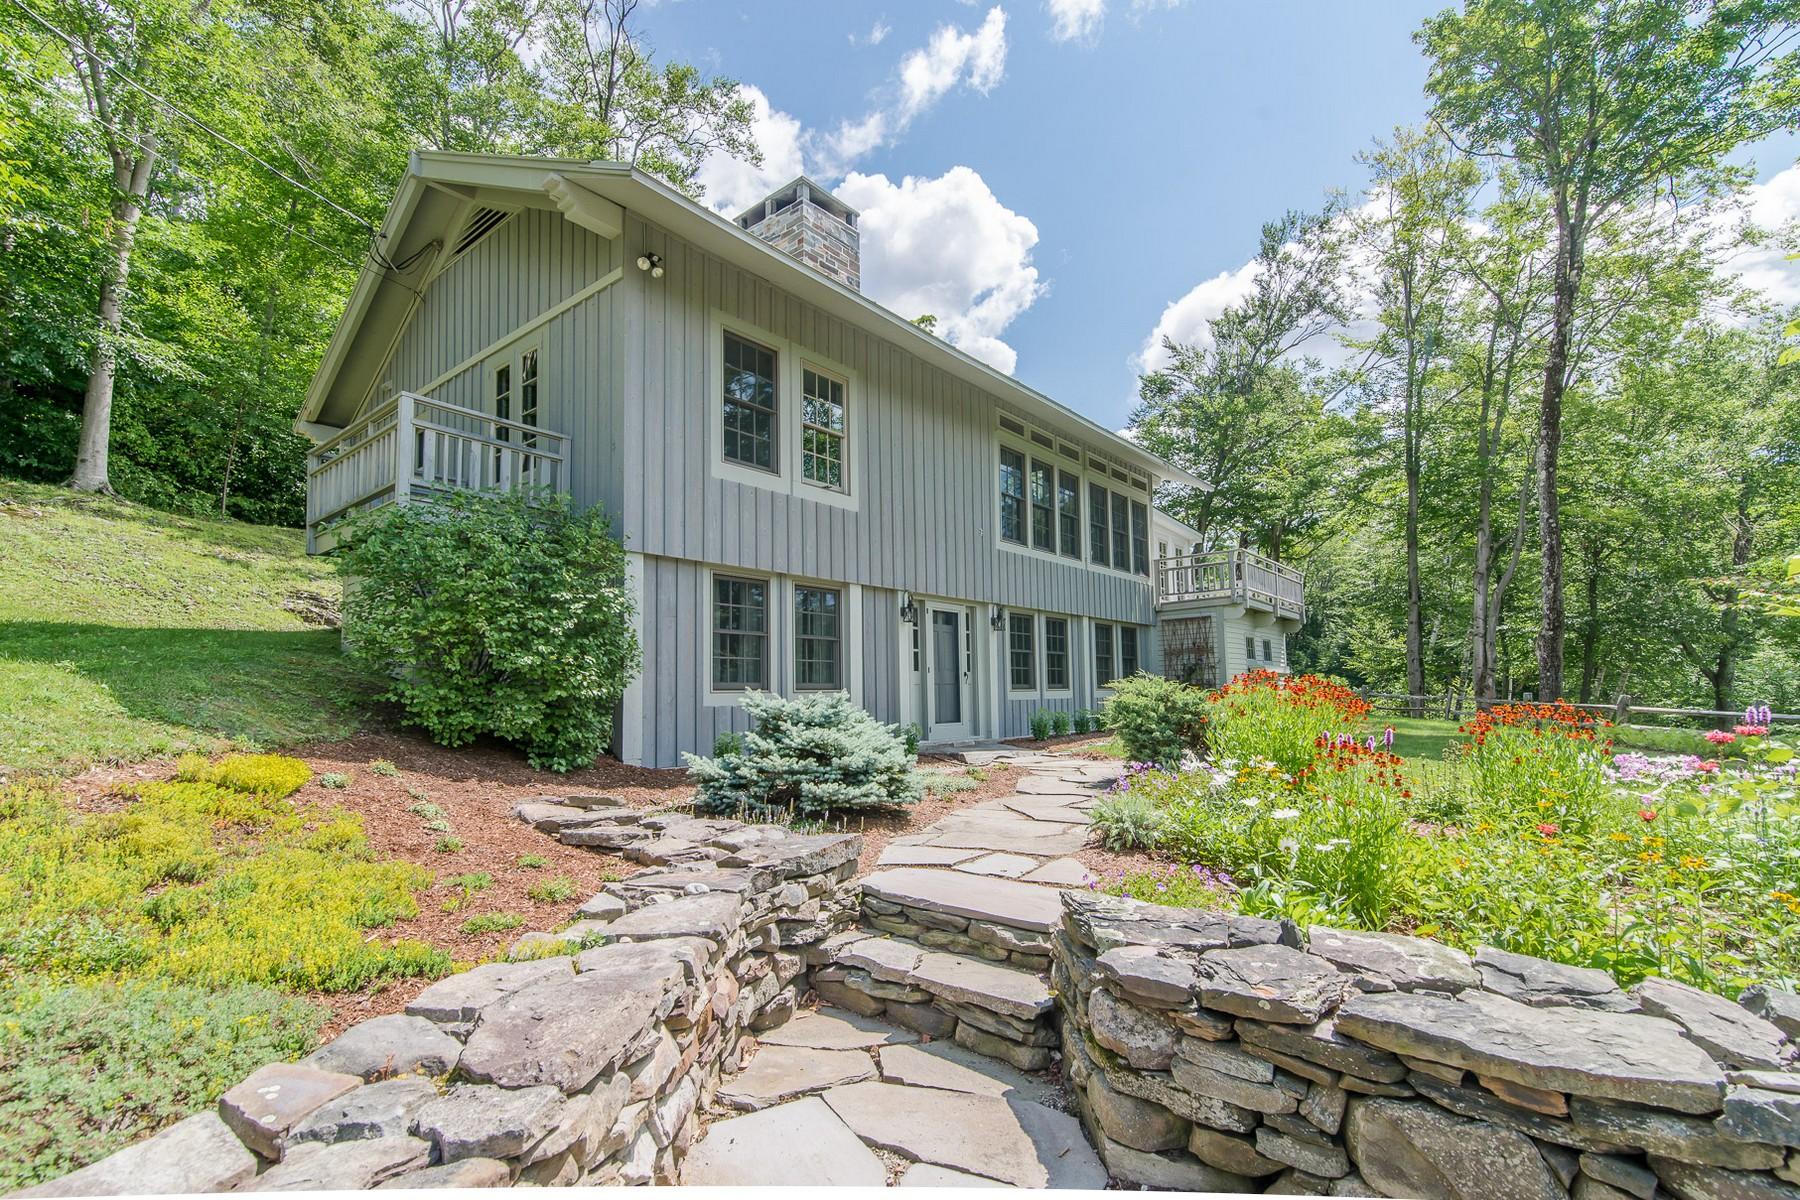 Частный односемейный дом для того Продажа на Decorator Designs 3452 Green Hill Rd Danby, Вермонт 05739 Соединенные Штаты